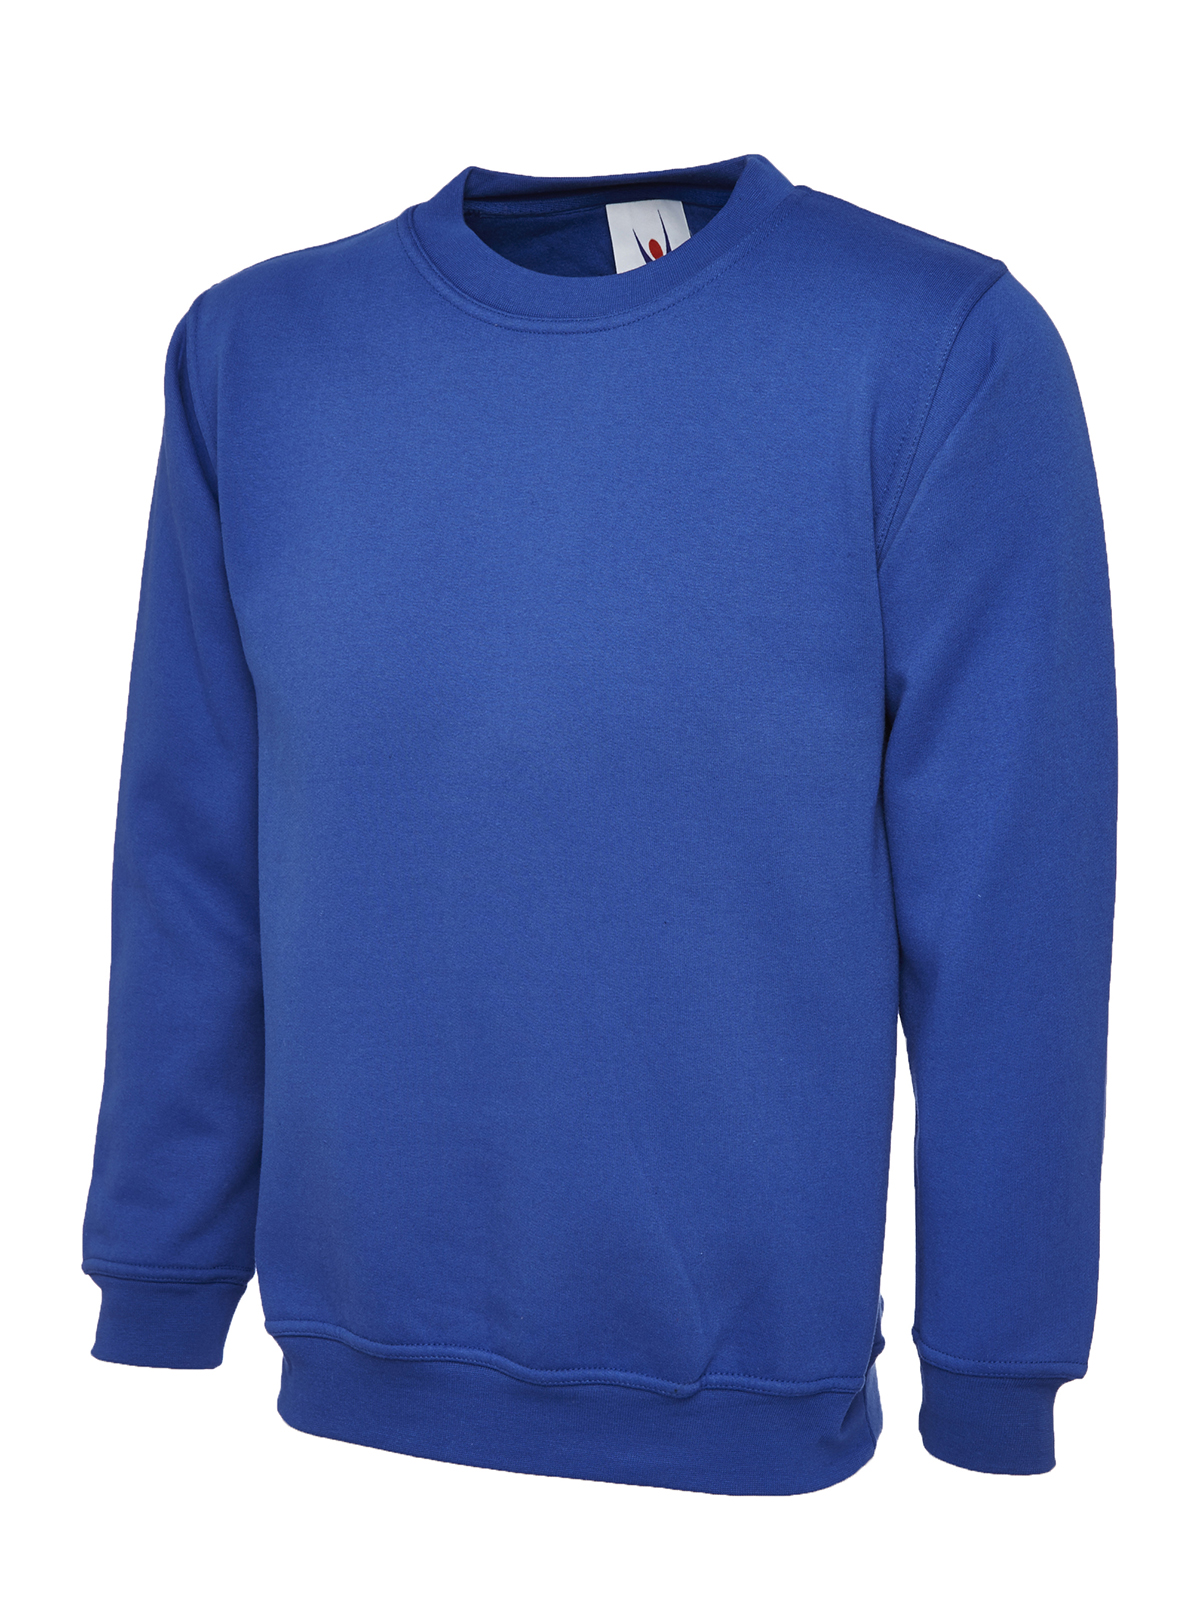 Uneek Sweatshirt UC201